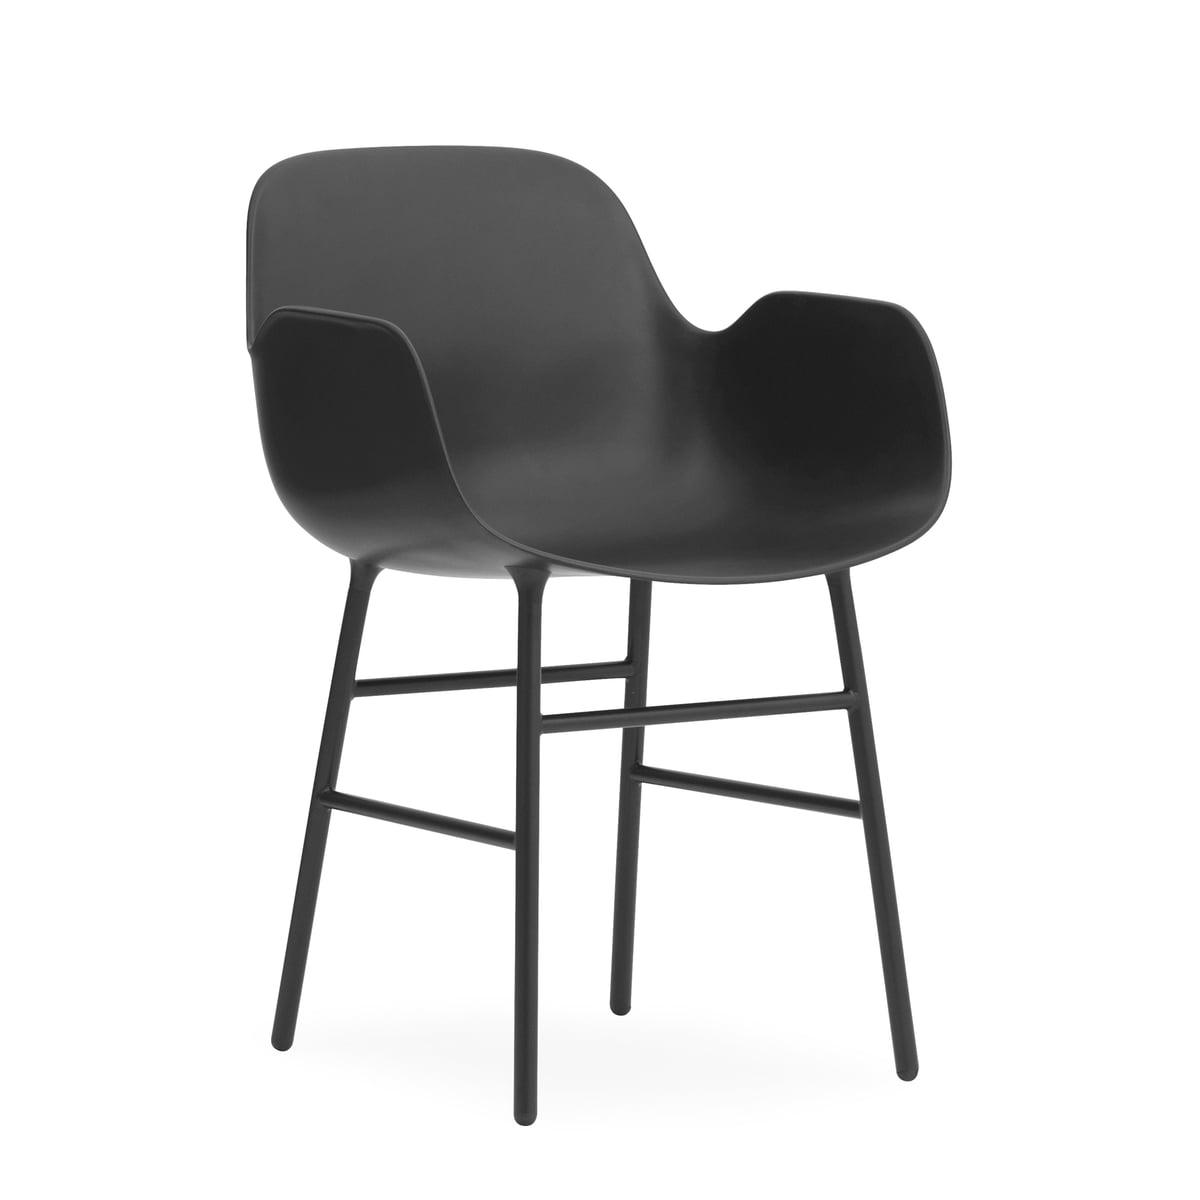 Normann Copenhagen - Form Armlehnstuhl, Gestell Stahl / schwarz   Küche und Esszimmer > Stühle und Hocker   Normann Copenhagen